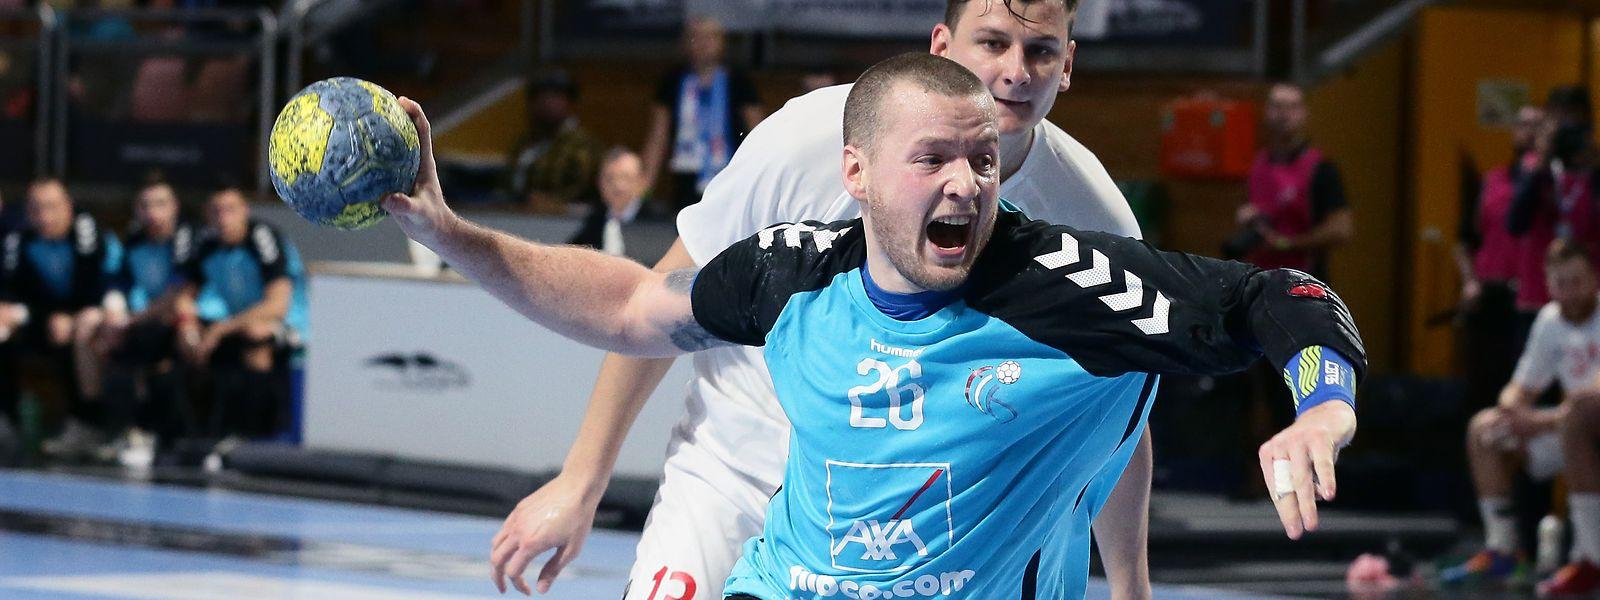 Luxemburg mit Joé Faber, hier im ersten Spiel gegen die Slowakei, verlor auch sein zweites Spiel in der WM-Qualifikation.